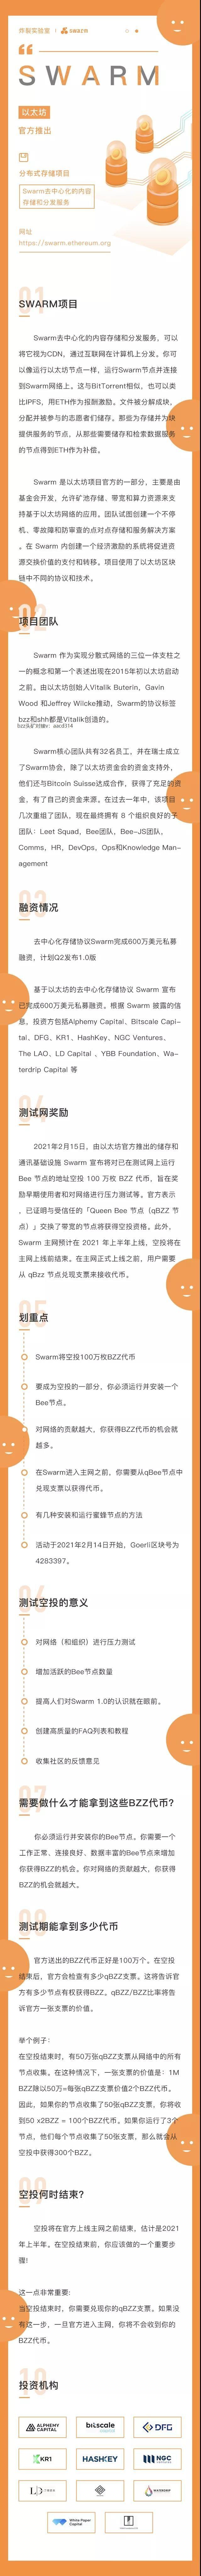 一文读懂 Swarm 分布式存储是什么 ?